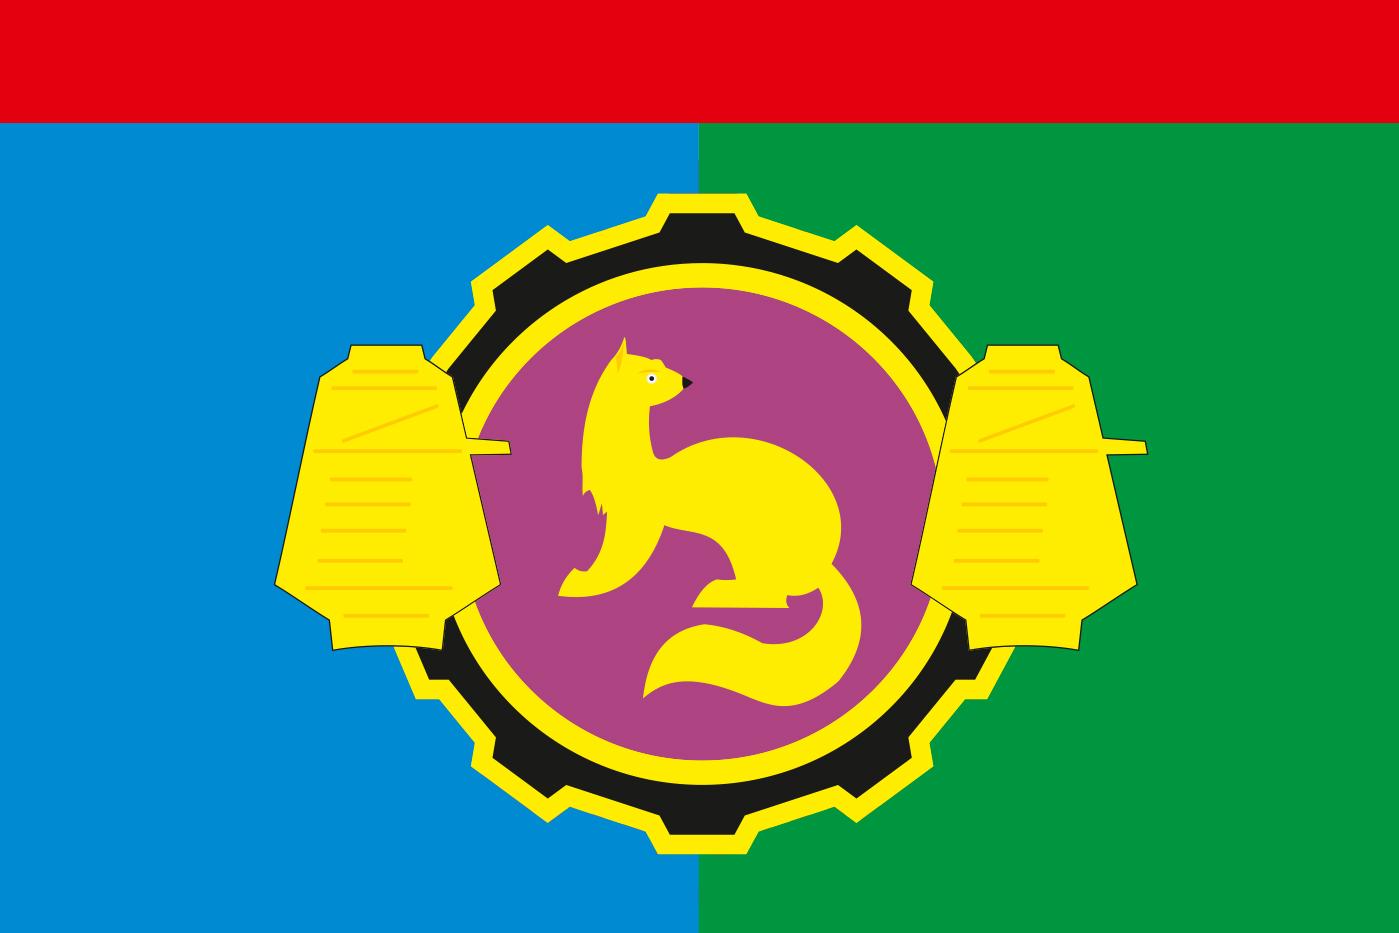 Флаг Пушкинского района